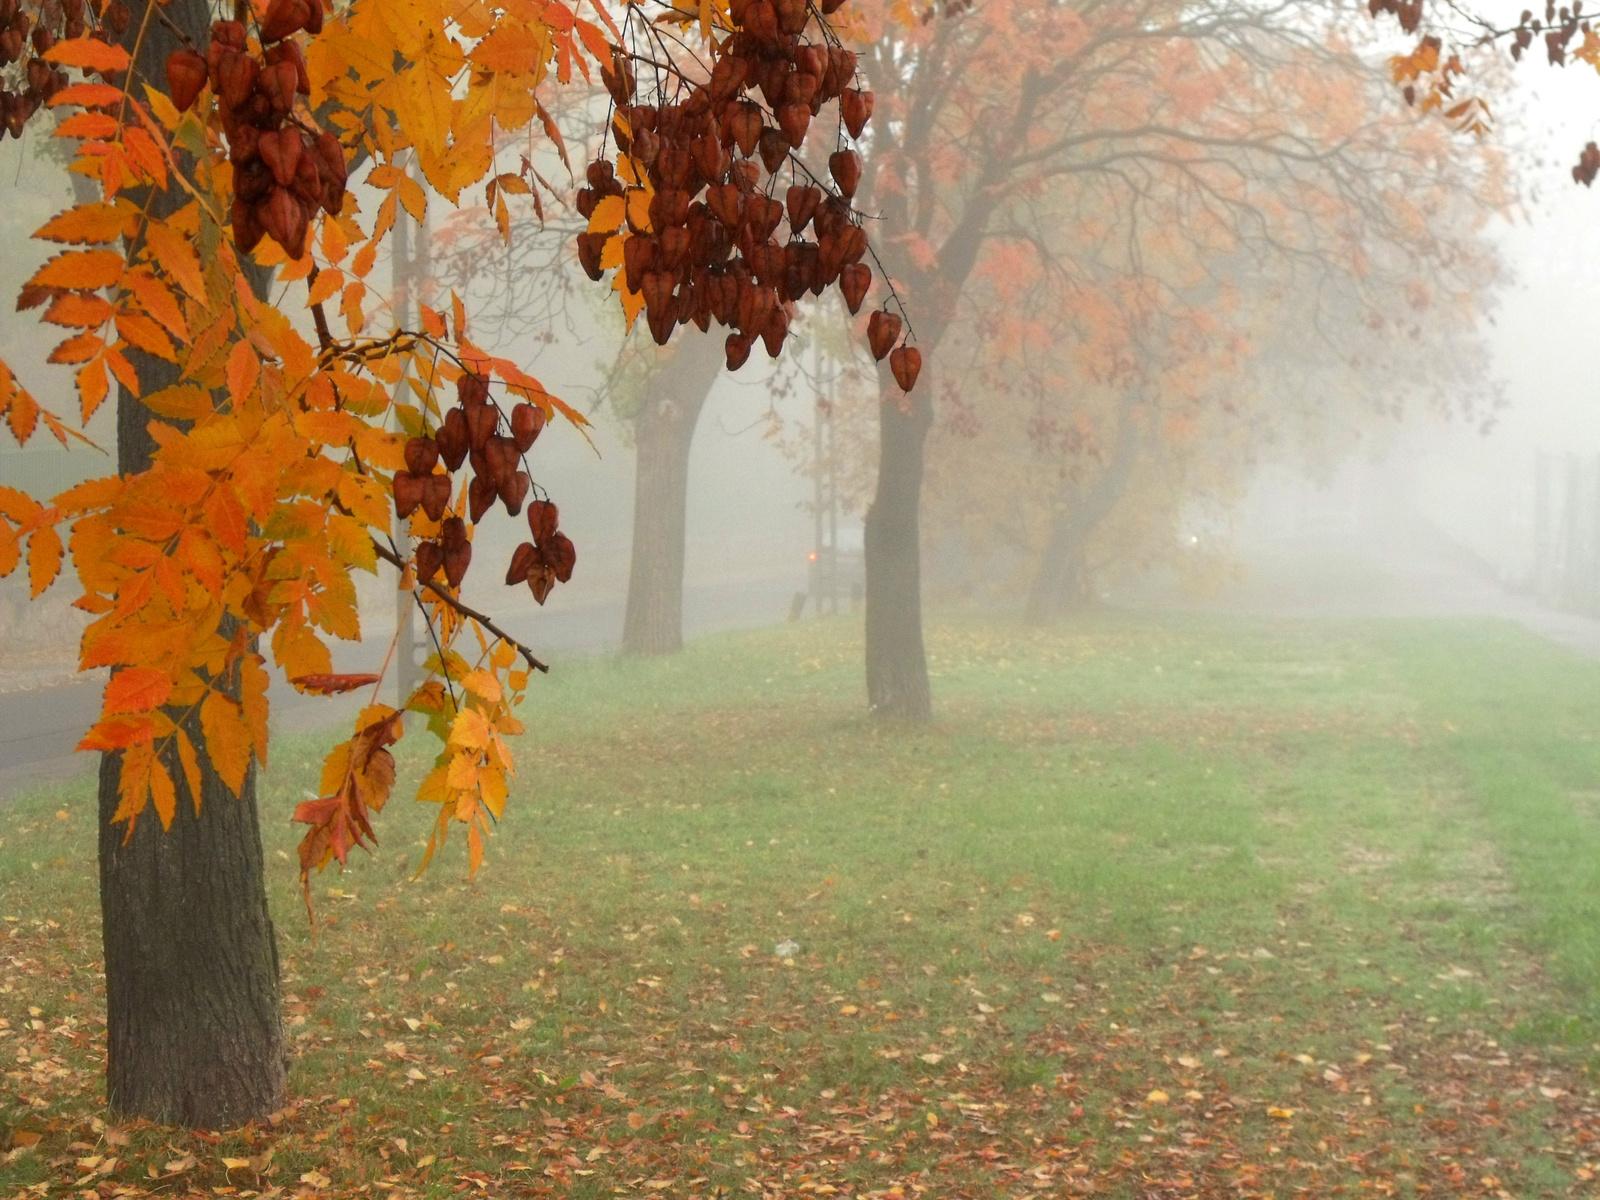 Változatok őszre ködre 2.